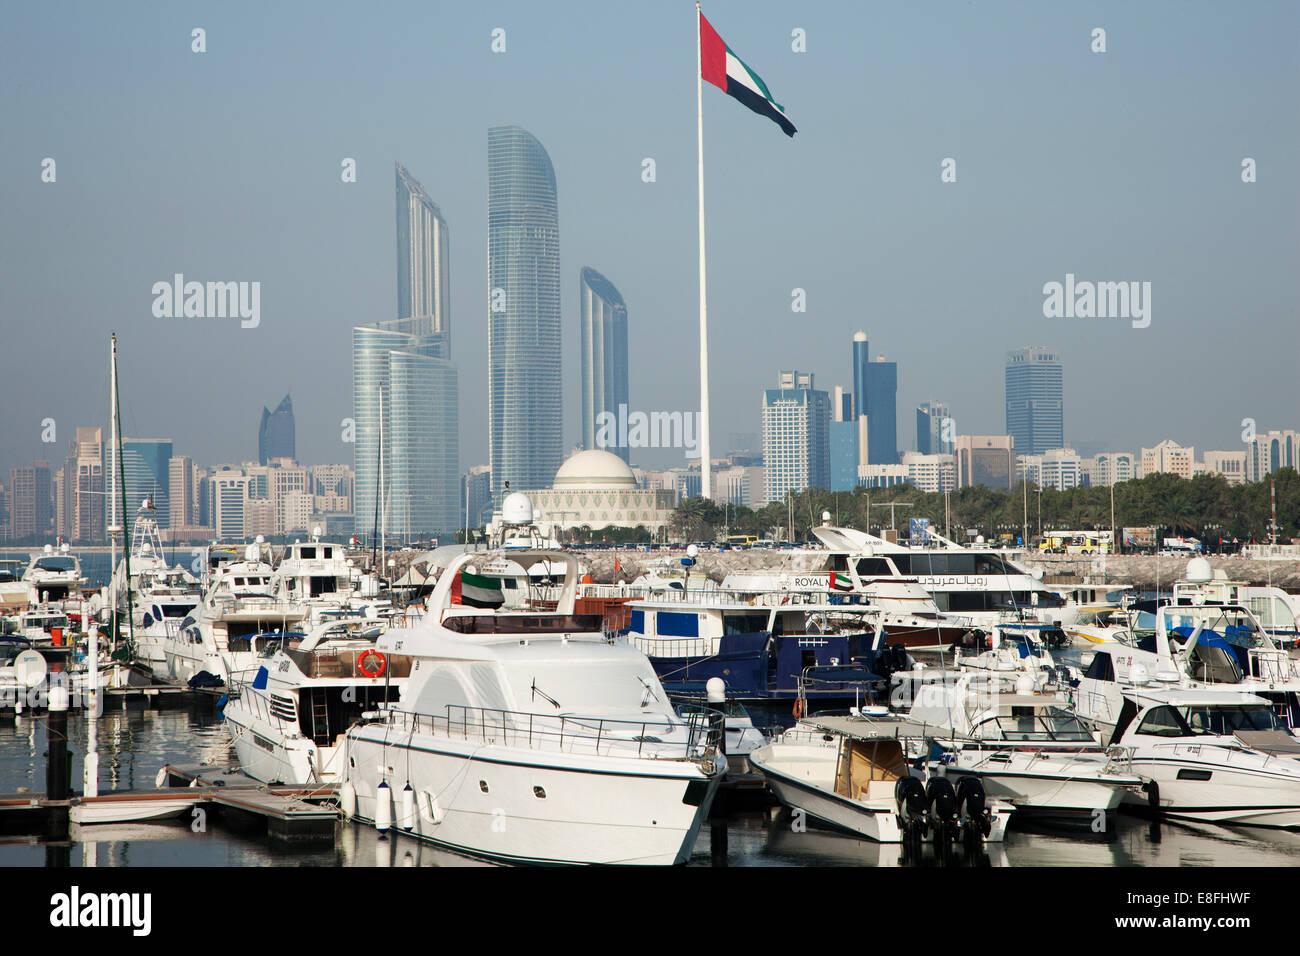 Emirati Arabi Uniti, Abu Dhabi Skyline con il porto e le barche in primo piano Immagini Stock